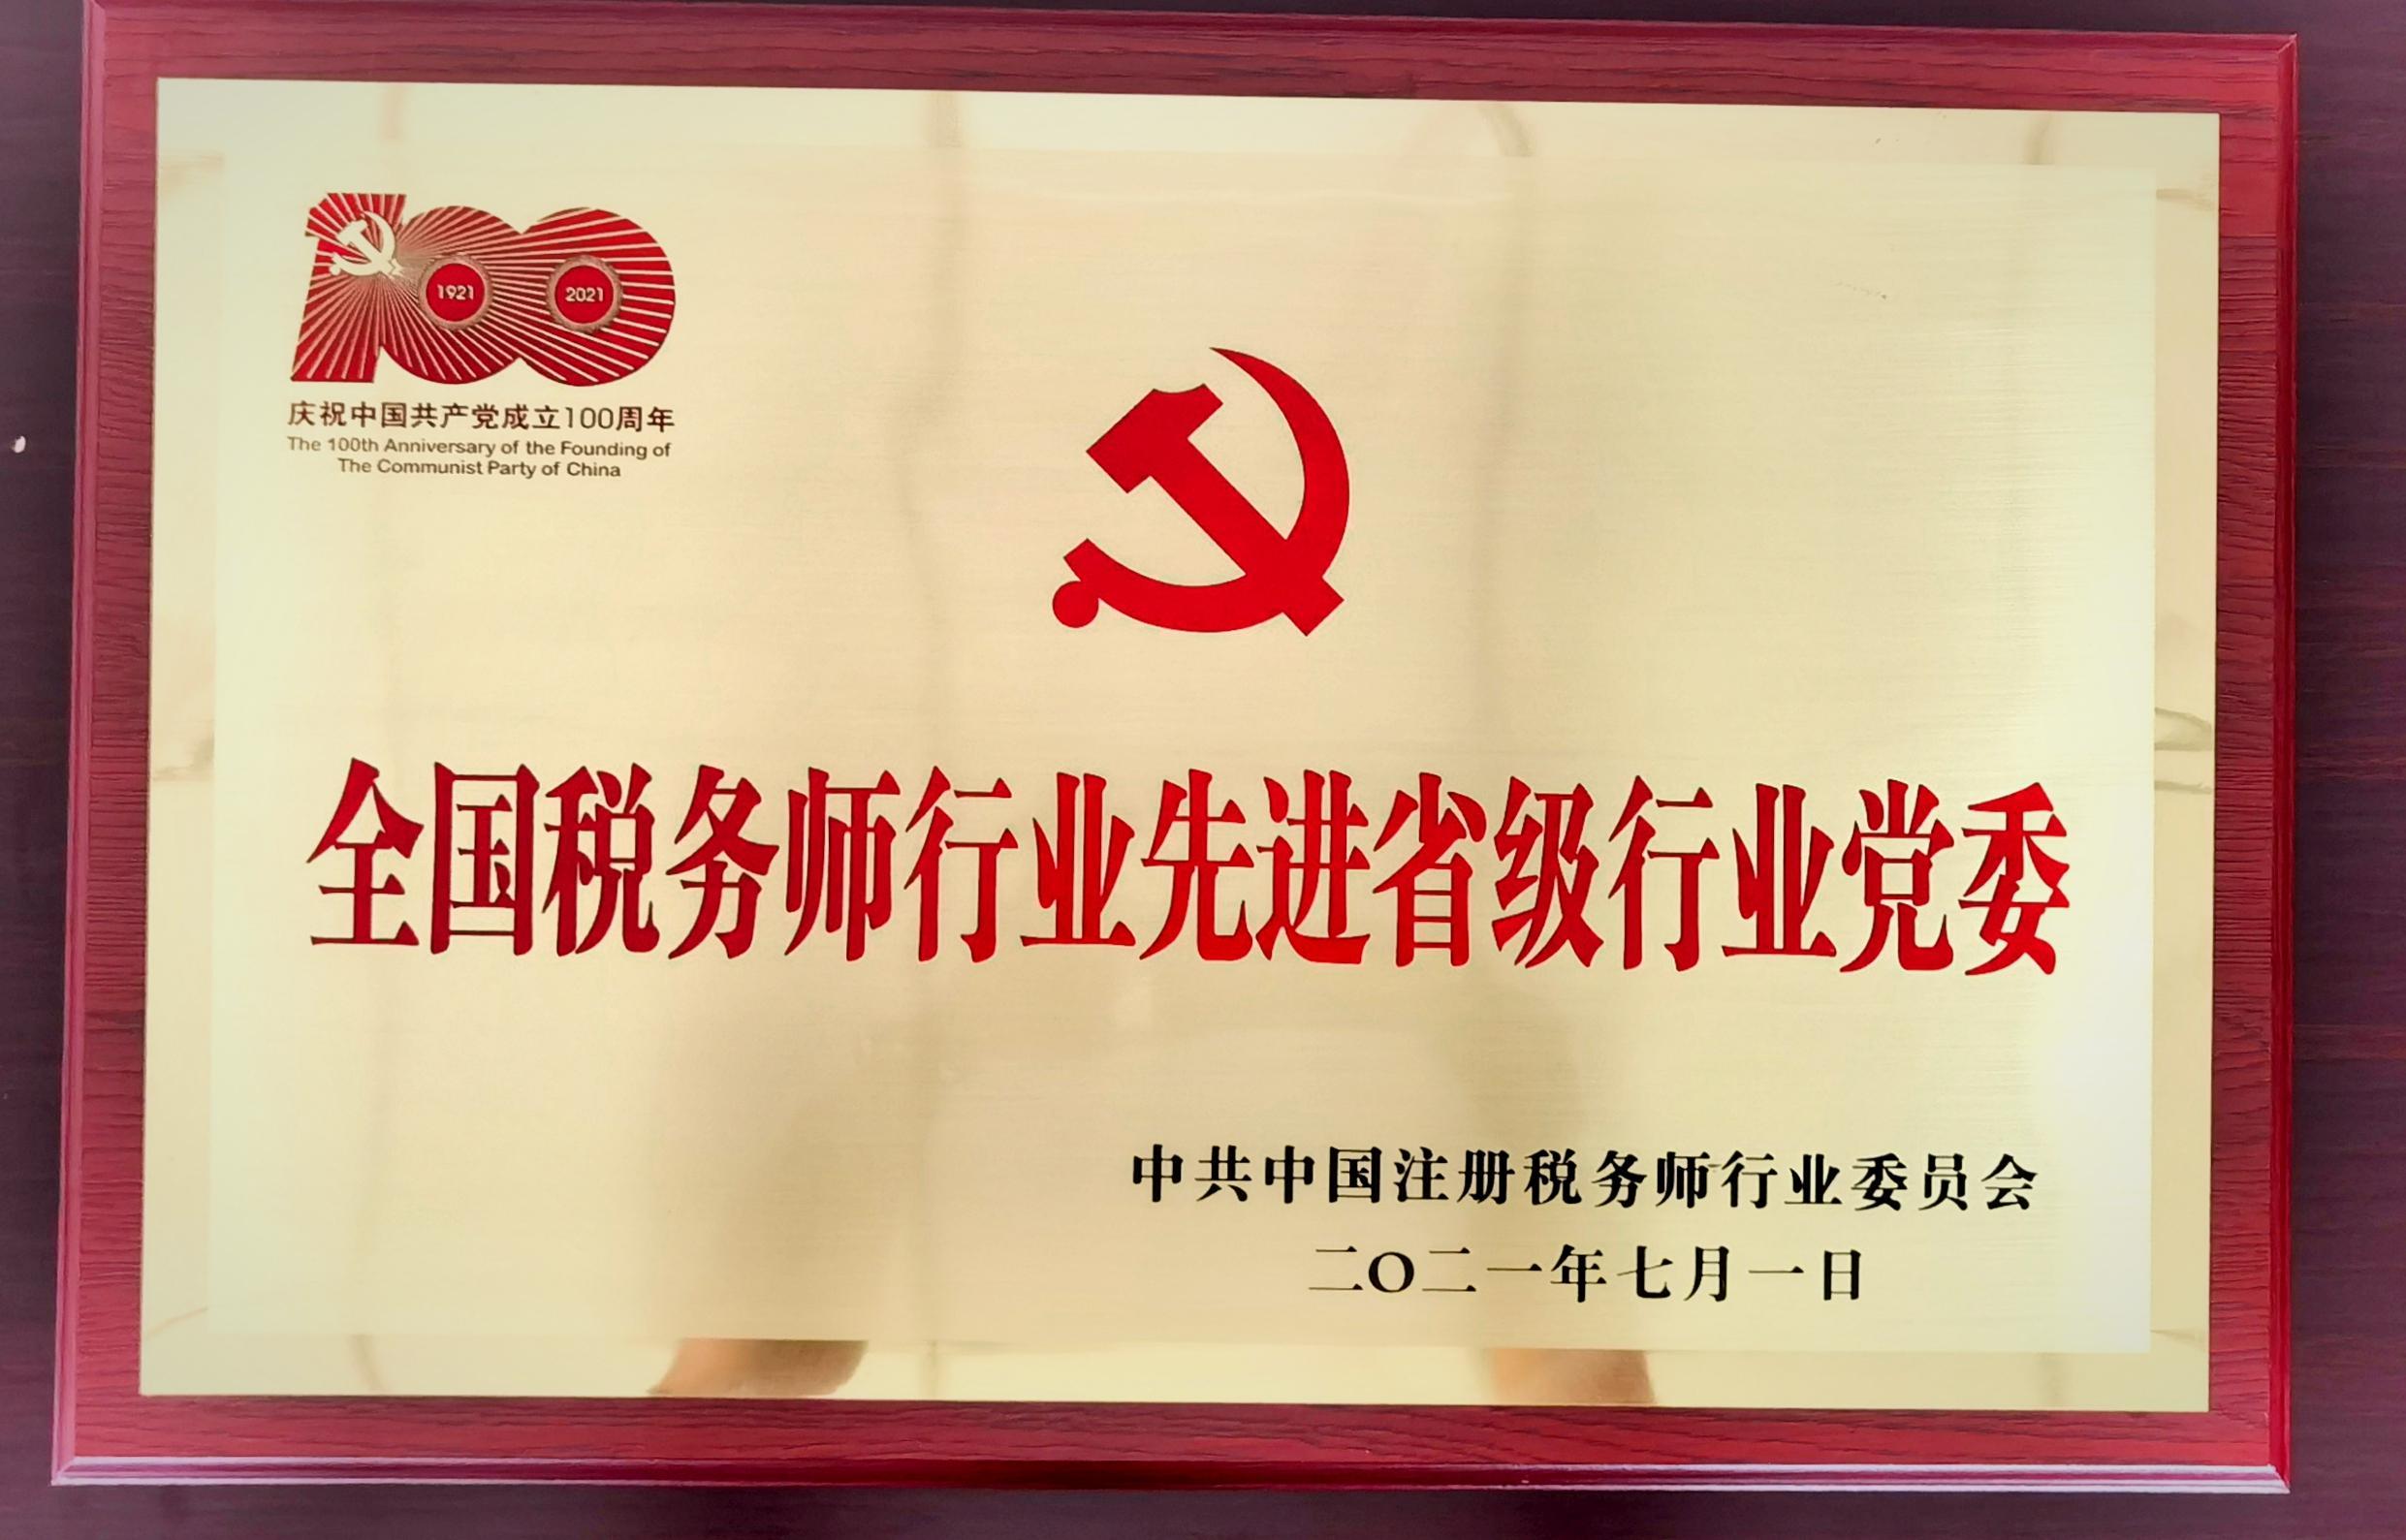 """大连税协党委获 """"全国税务师行业先进省级行业党委""""荣誉"""